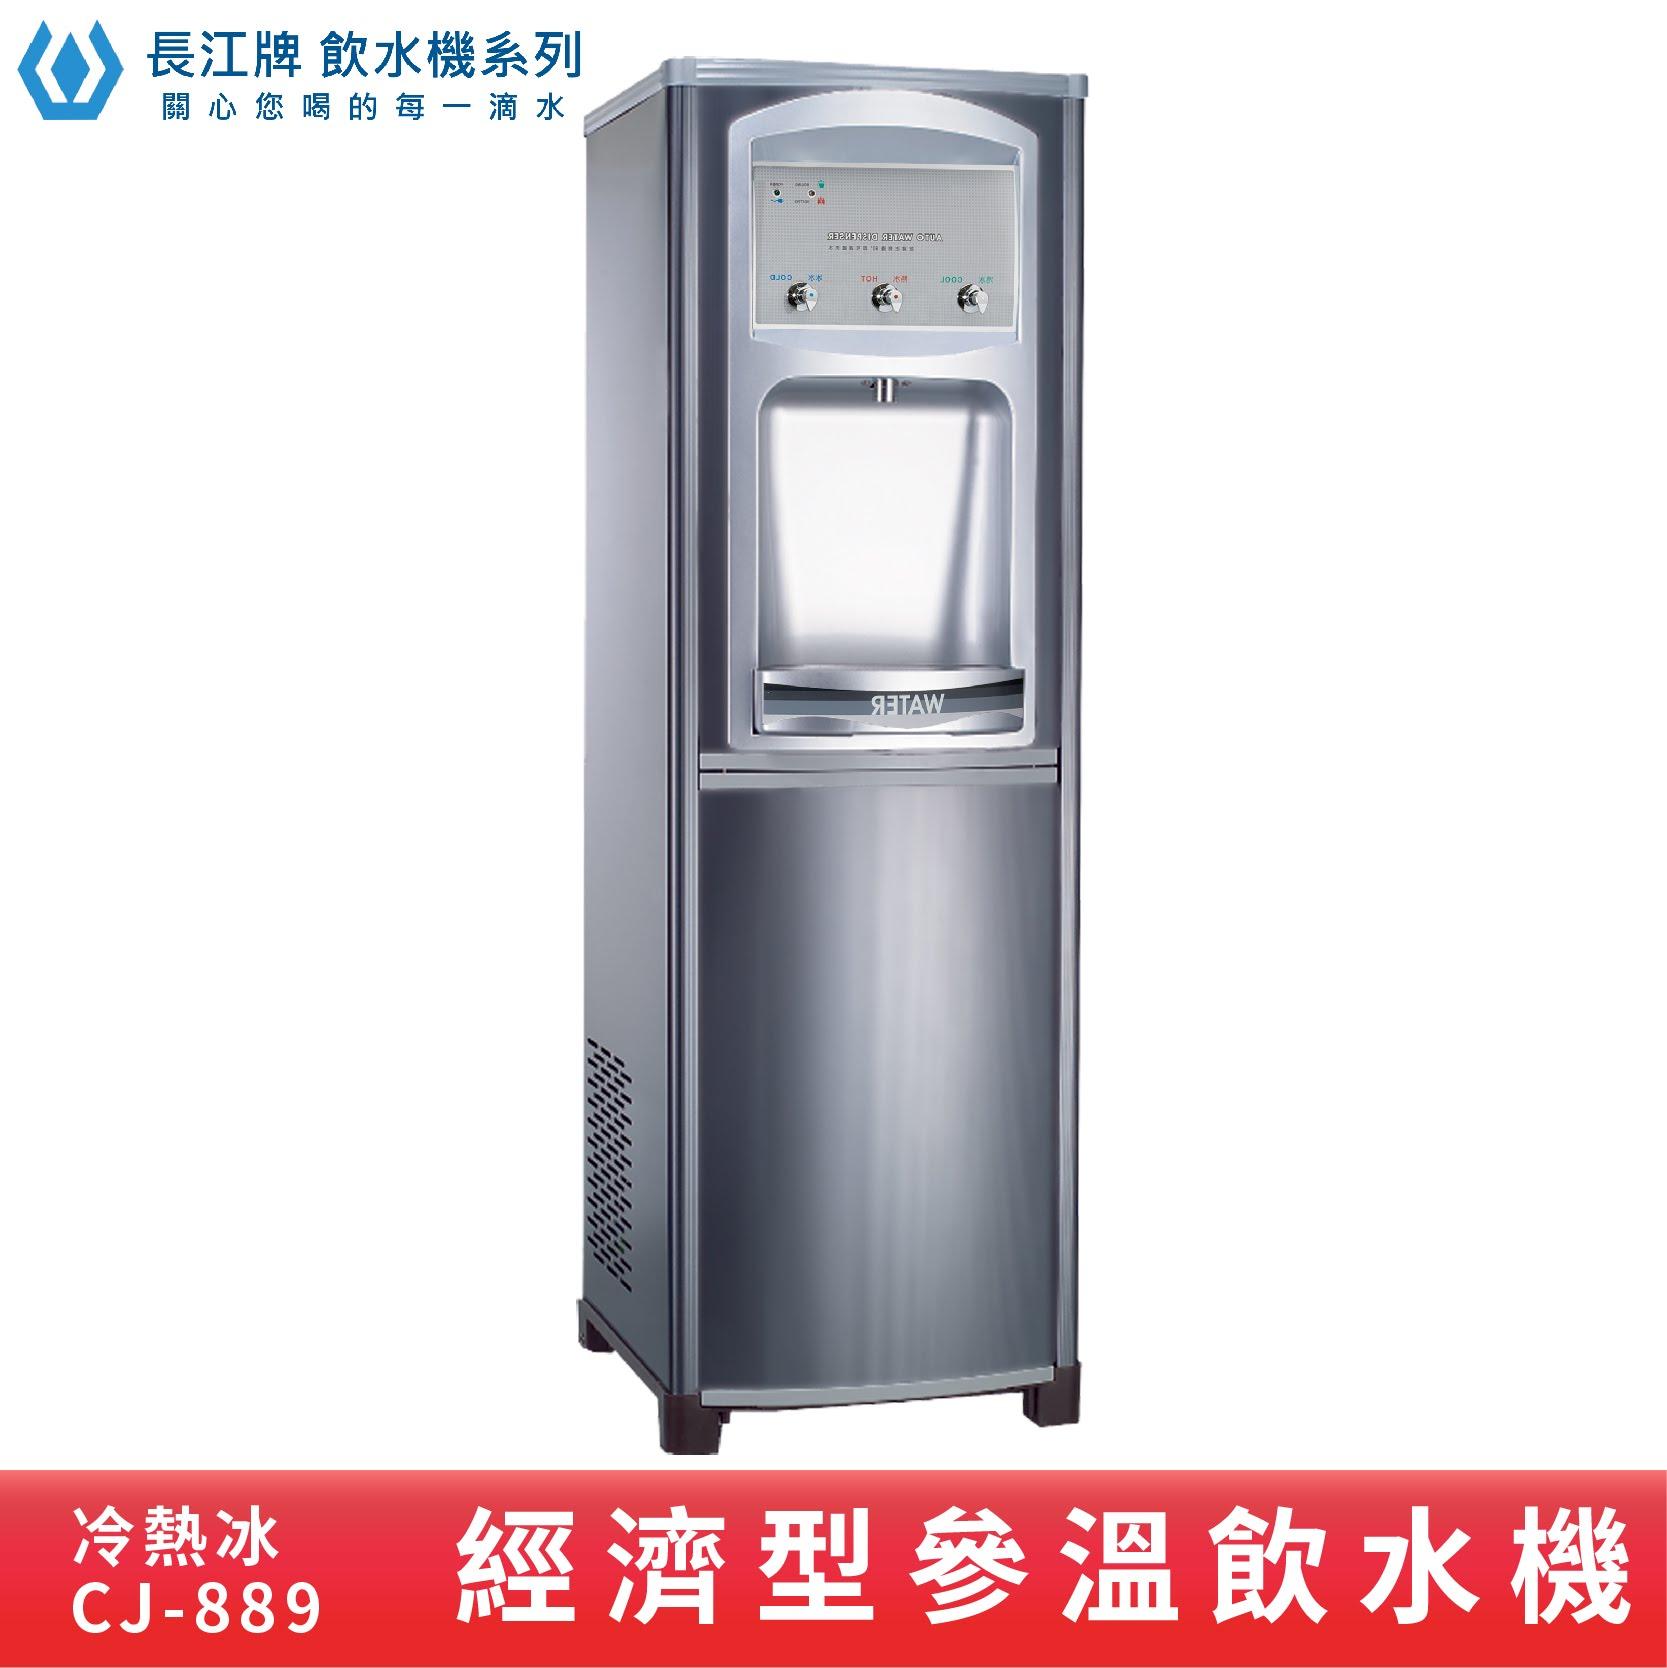 長江 參溫飲水機【經濟型】CJ-889 冰/冷/熱 立地型落地型 開飲機 開水機 學校 公司 公家機關 台灣製造